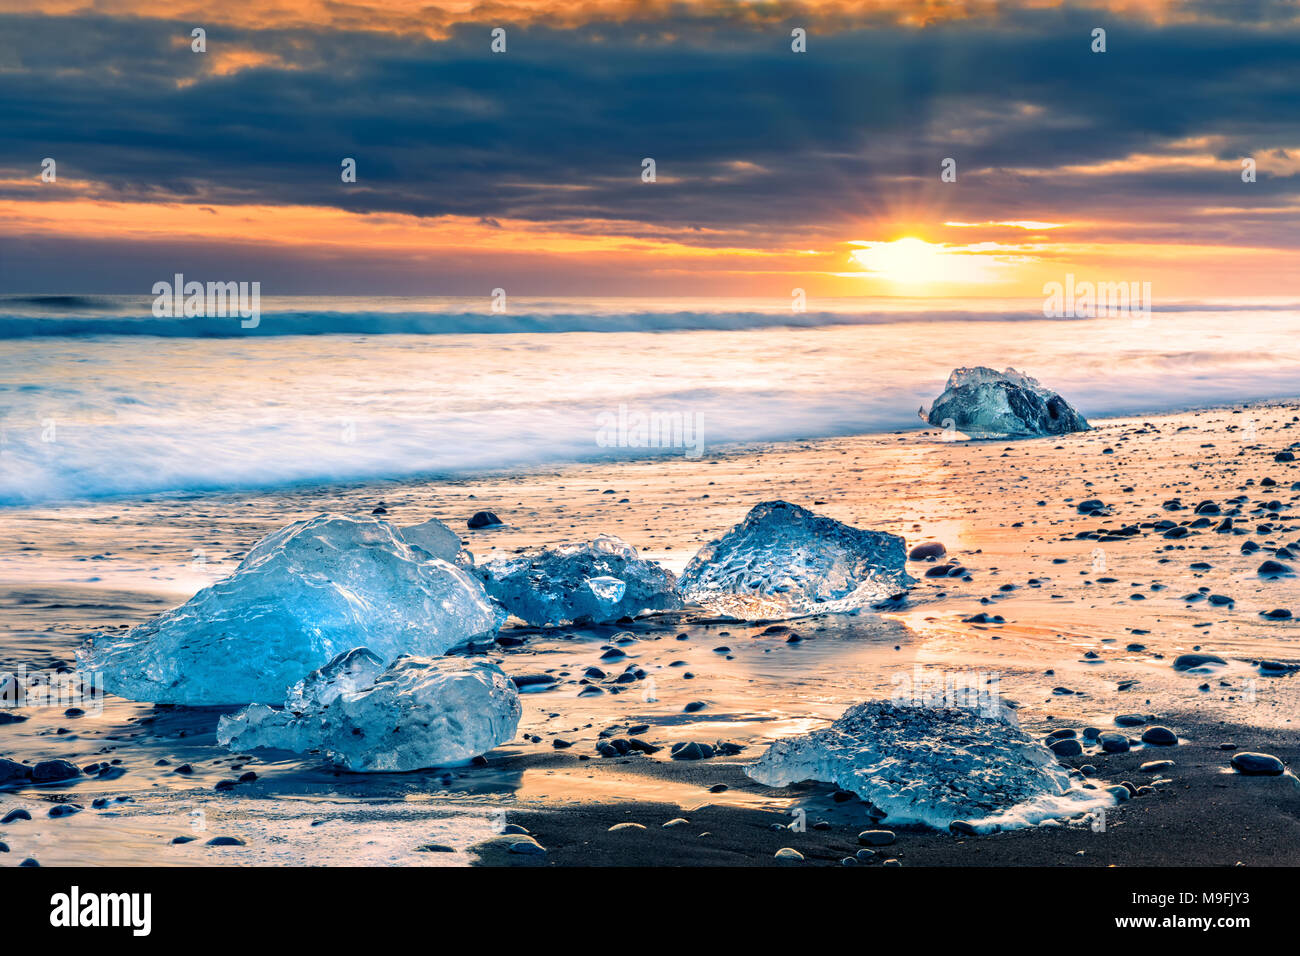 Drifting ice blocks on Diamond beach, at sunset, in Jokulsarlon, Iceland - Stock Image